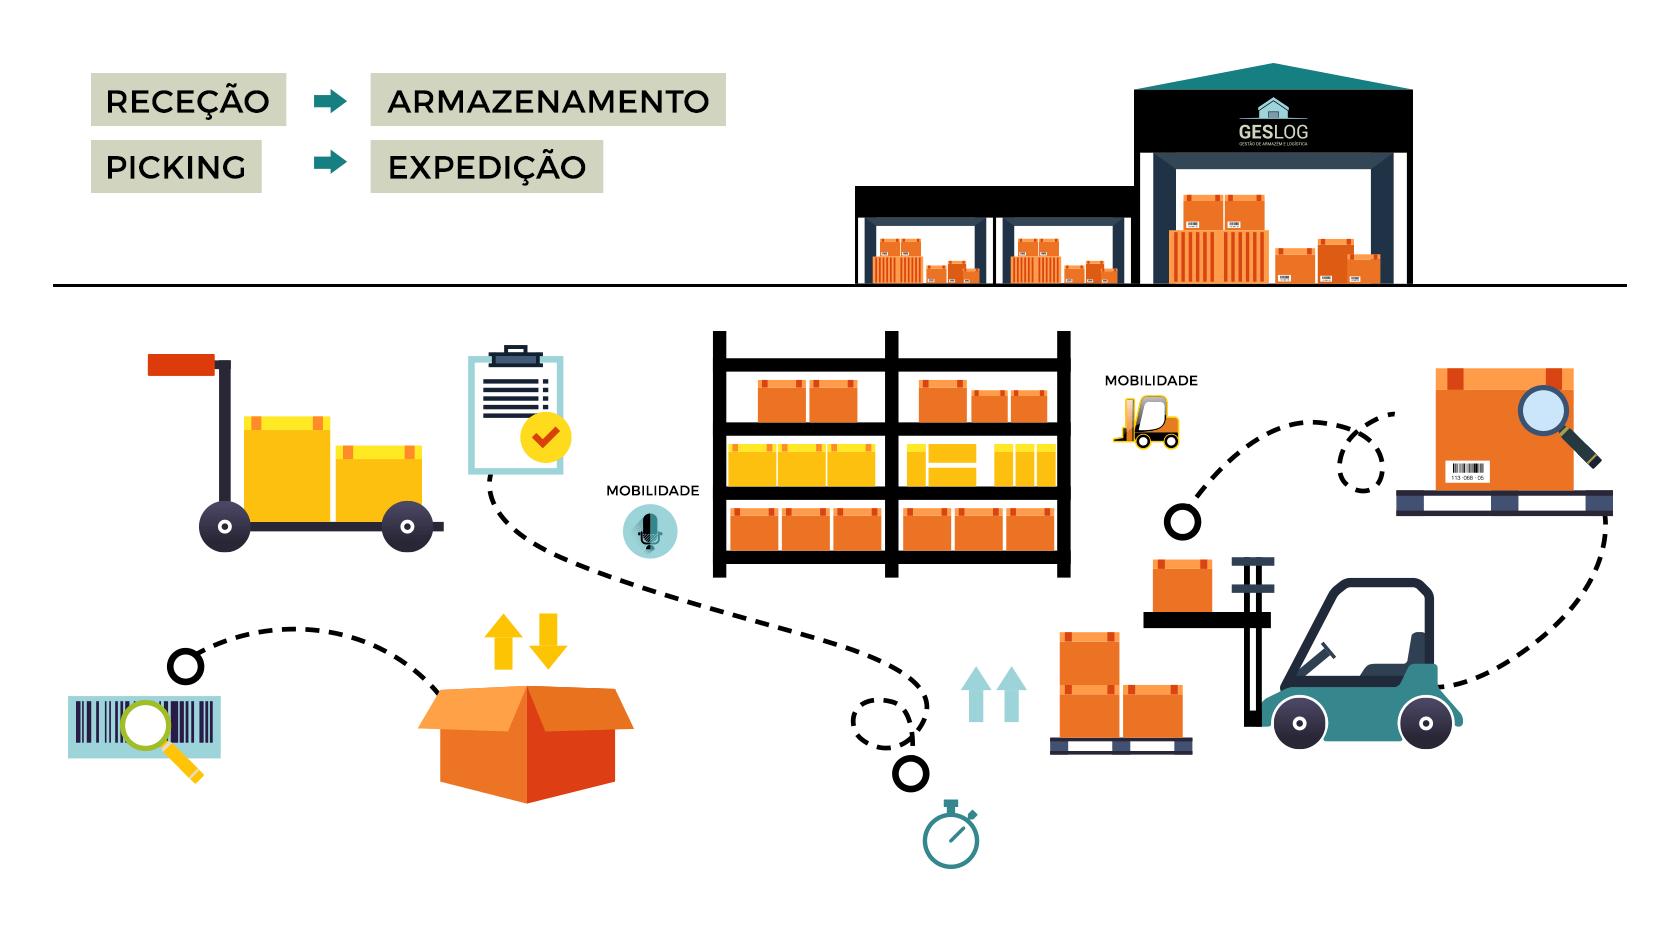 Como rentabilizar um armazém de distribuição - Imagem 02